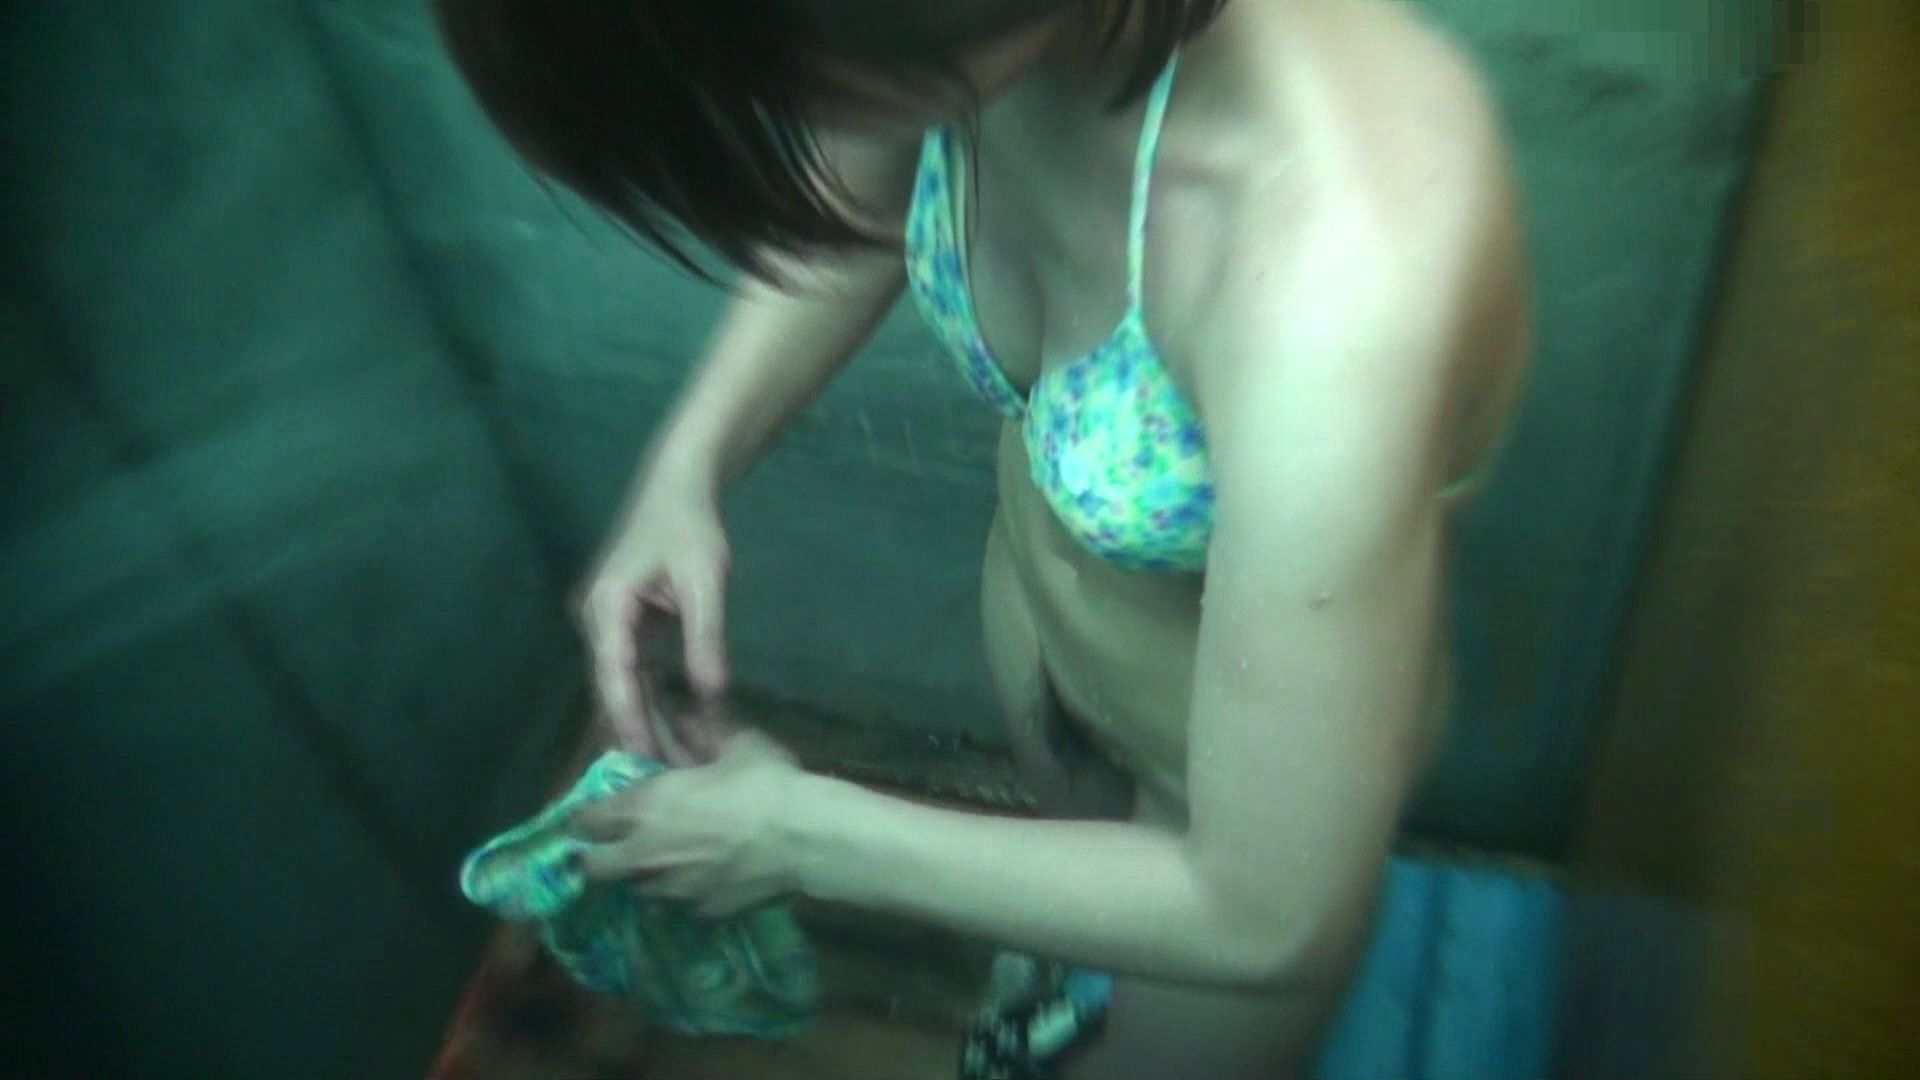 シャワールームは超!!危険な香りVol.15 残念ですが乳首未確認 マンコの砂は入念に シャワー オメコ動画キャプチャ 70pic 64